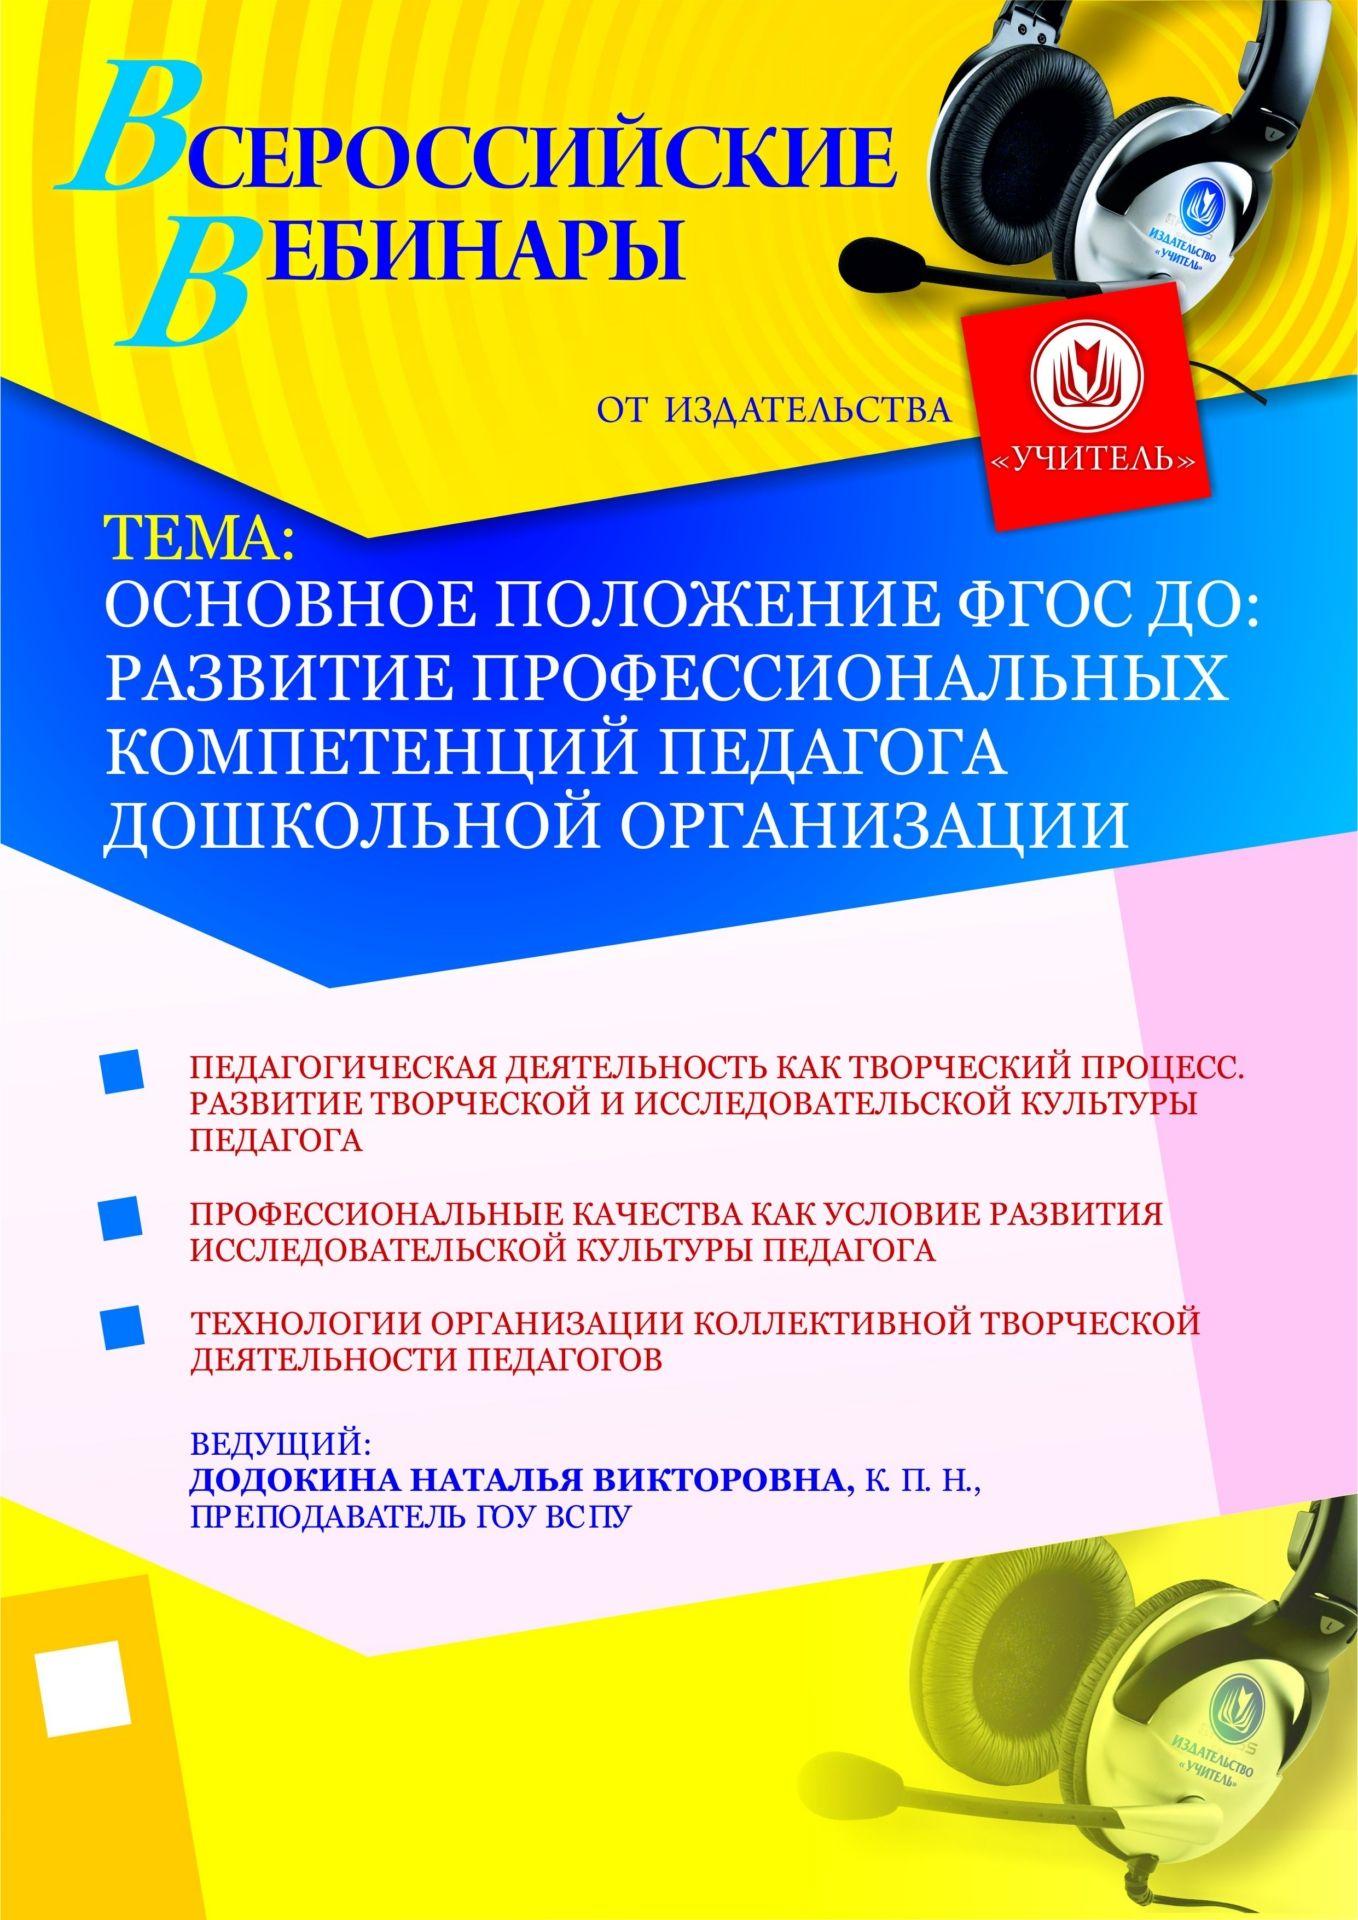 Основное положение ФГОС ДО: развитие профессиональных компетенций педагога дошкольной организации фото